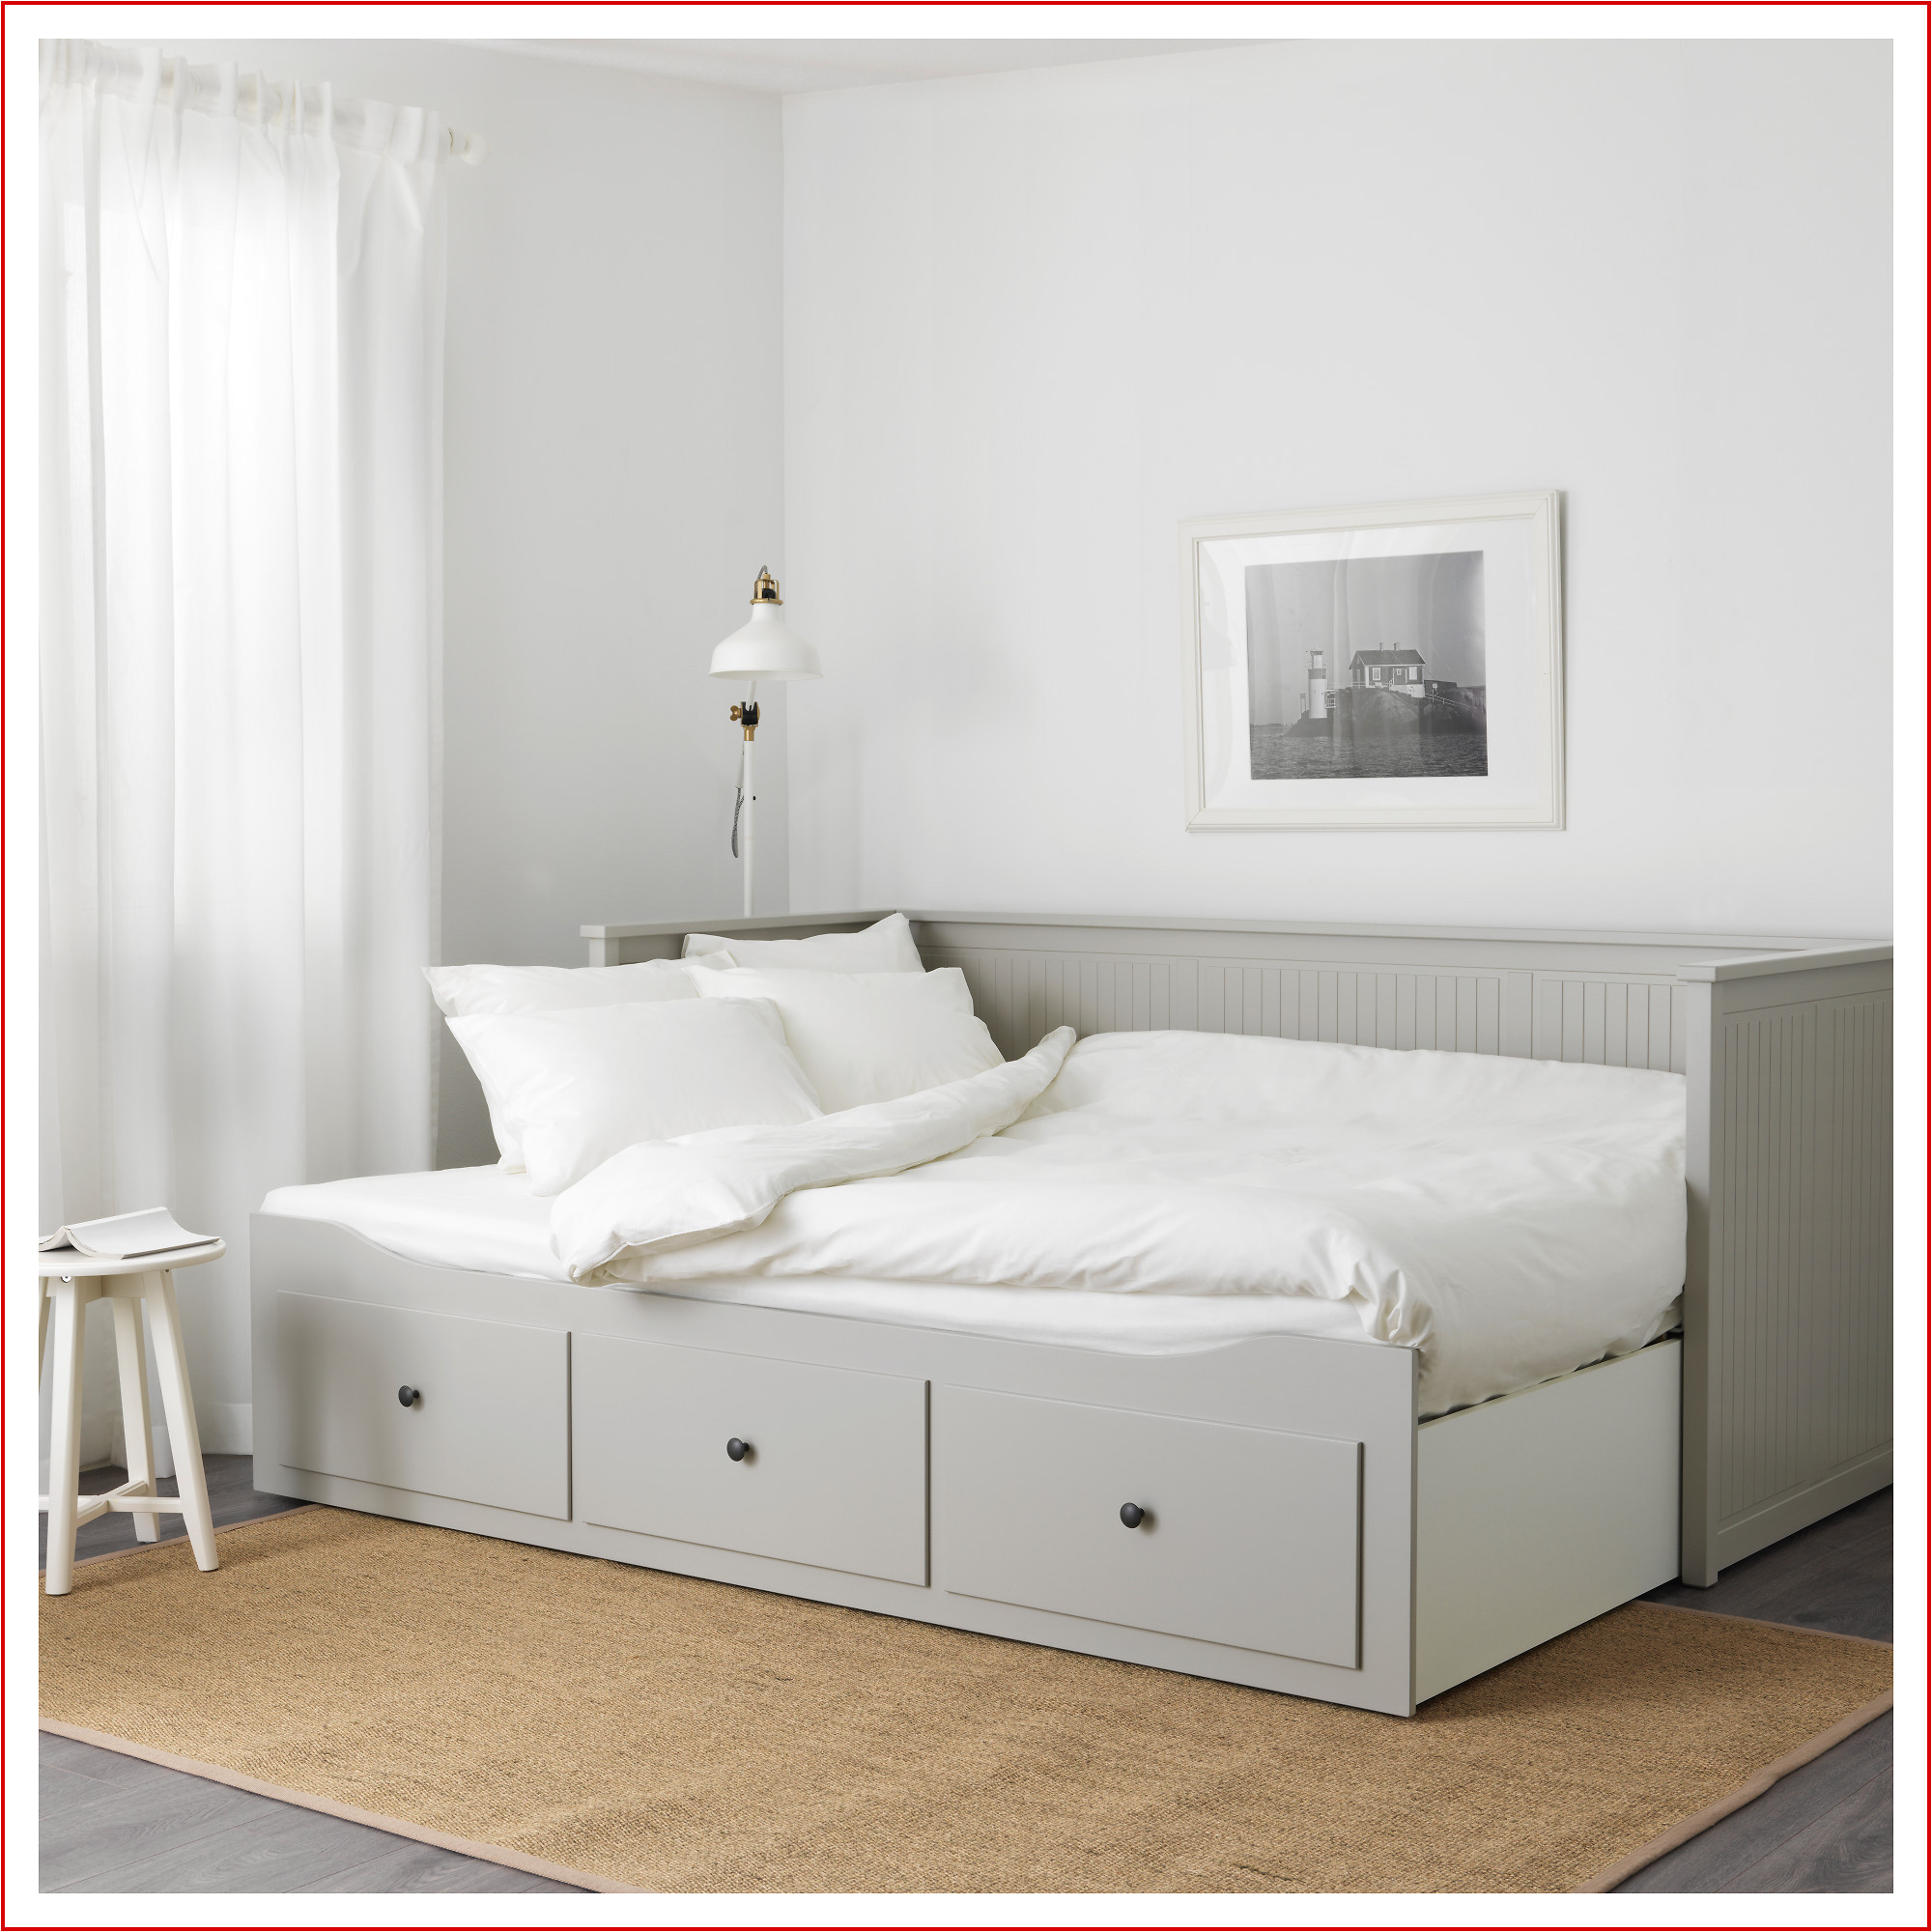 Ikea Hemnes Daybed 3 Drawers Instructions Hemnes Bett 424040 Ikea